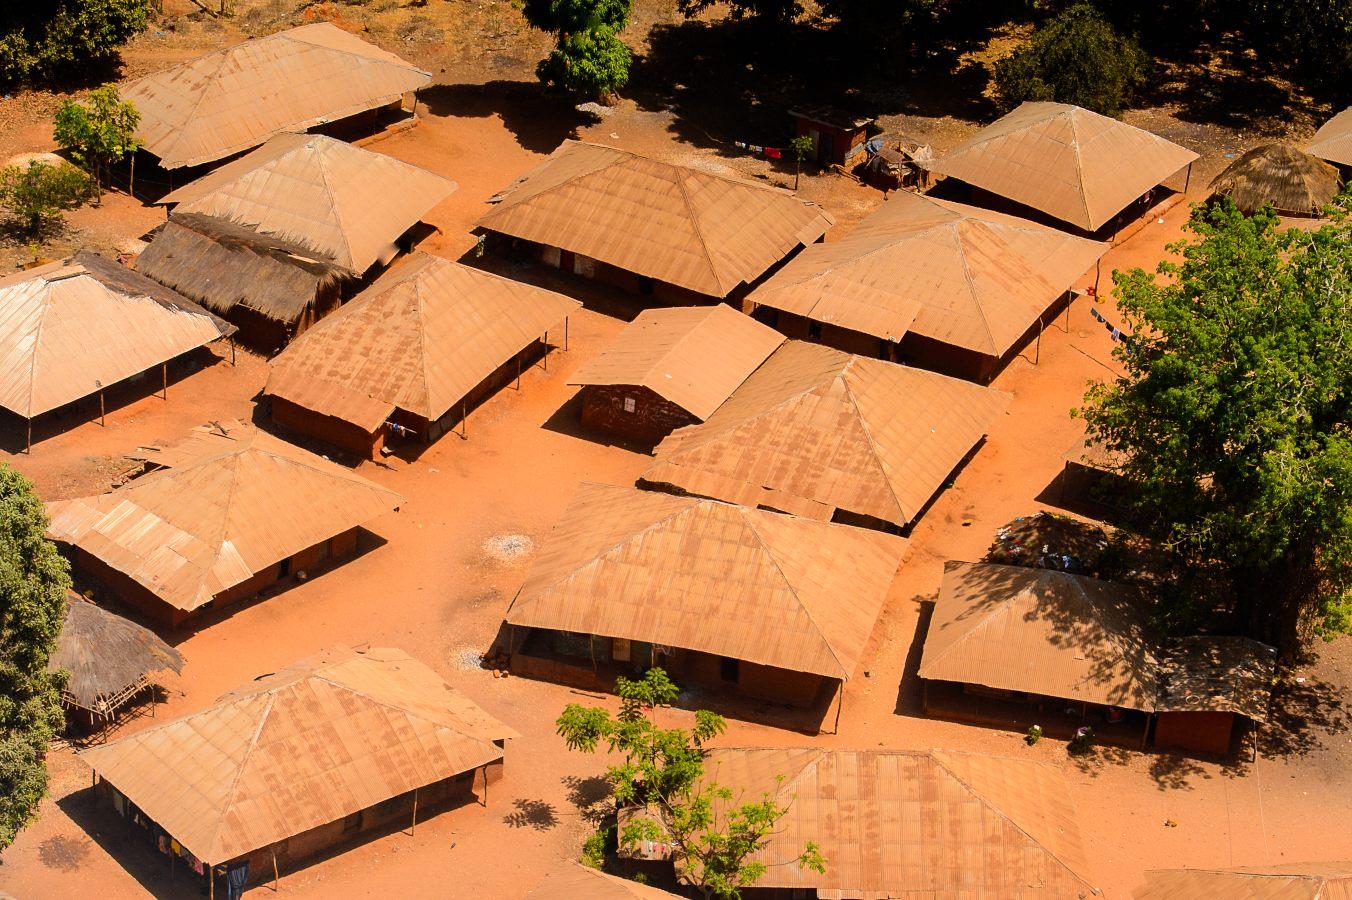 Plahtoas tradicionais na Guiné-Bissau